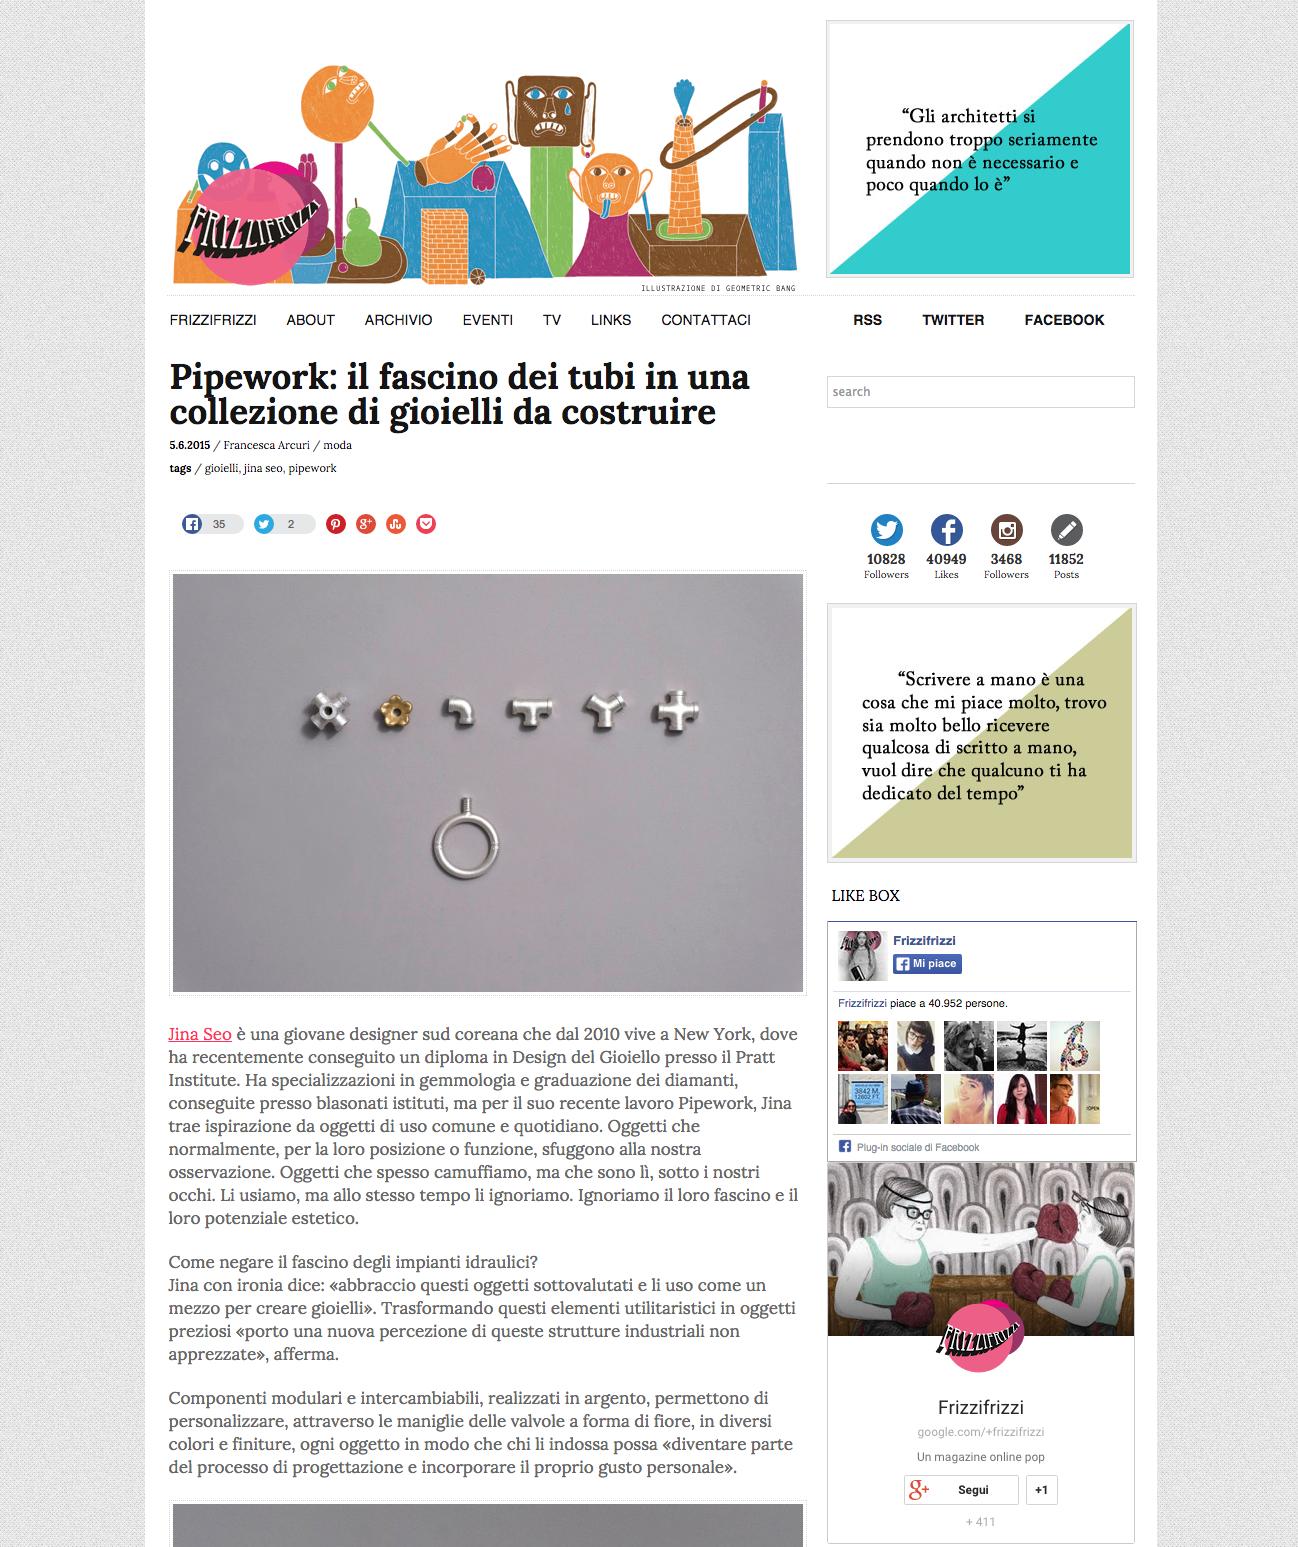 frizzifrizzi 2-it-2015-06-05-pipework-il-fascino-dei-tubi-in-una-collezione-di-gioielli-da-costruire-1433501503807.png